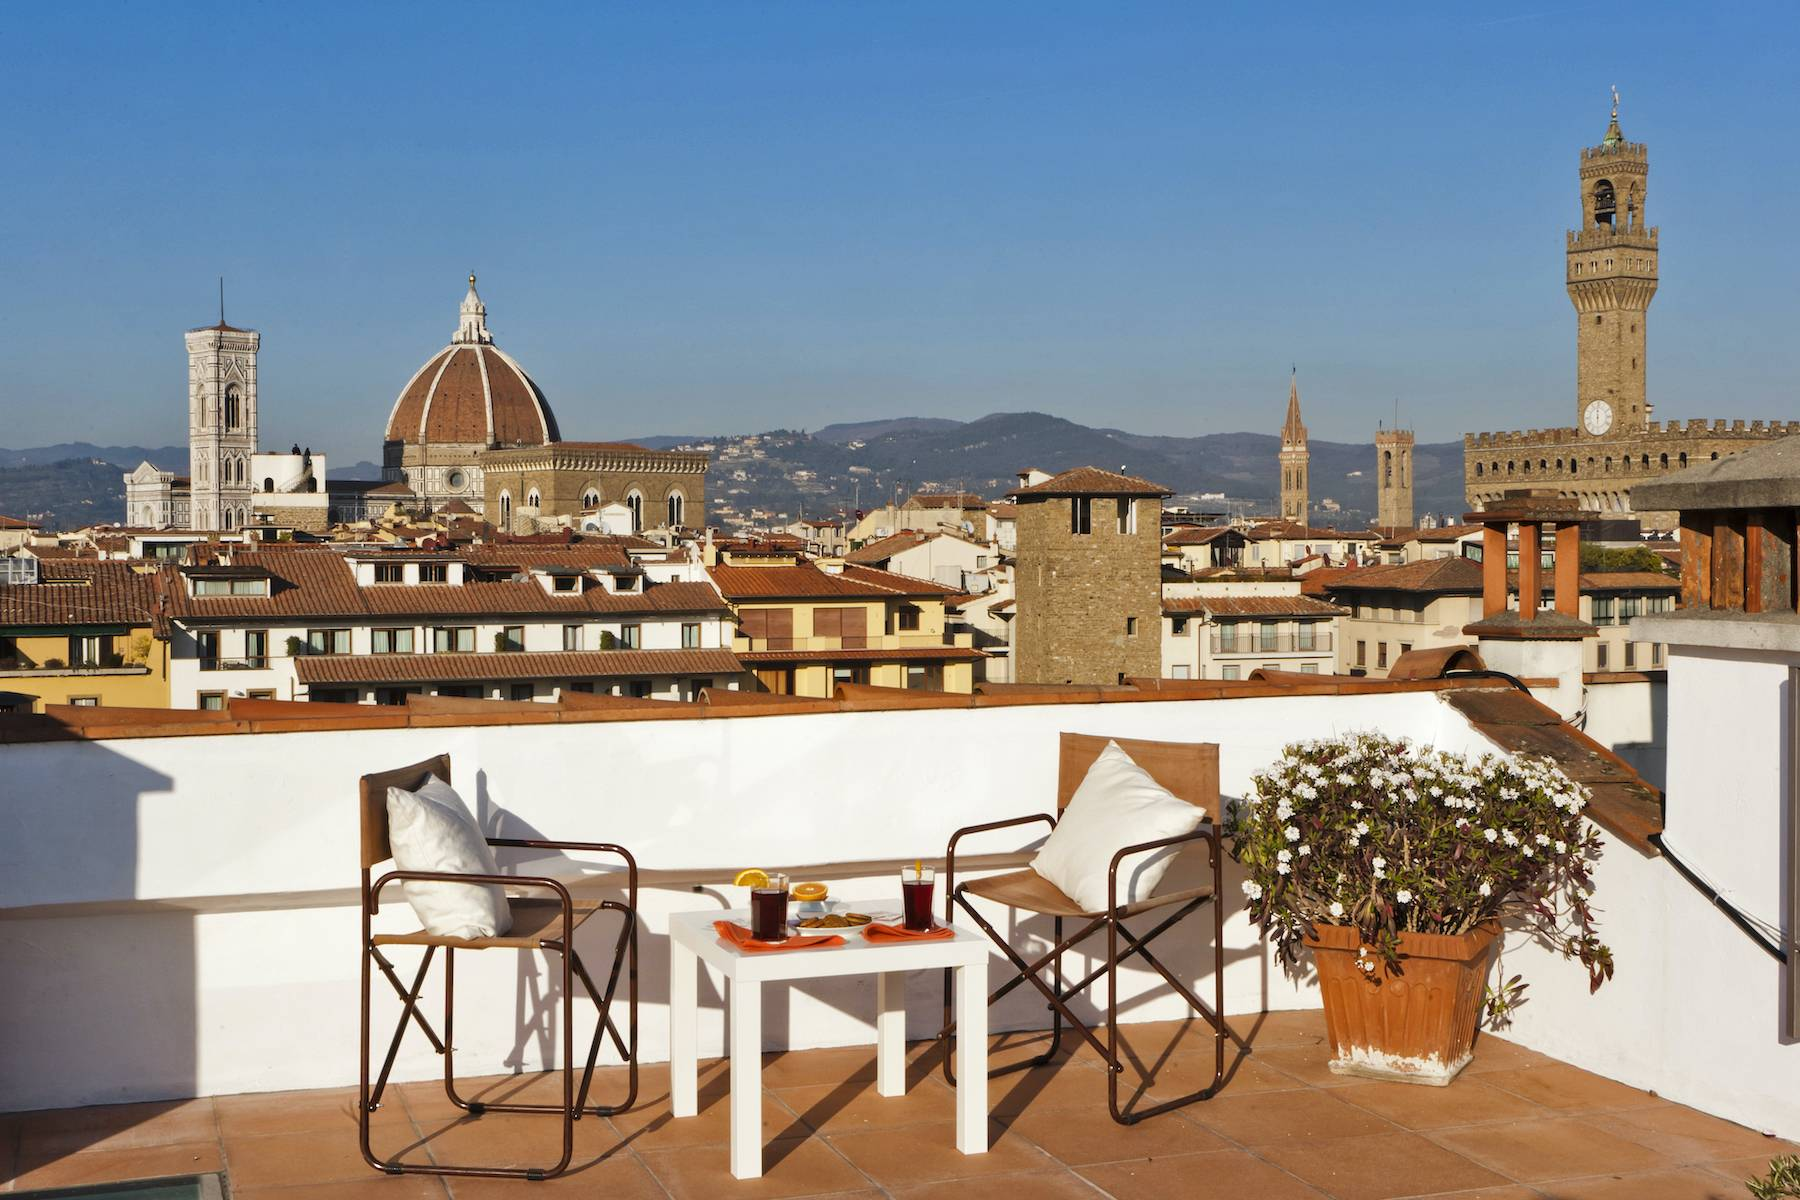 Attico in Affitto a Firenze: 5 locali, 125 mq - Foto 1